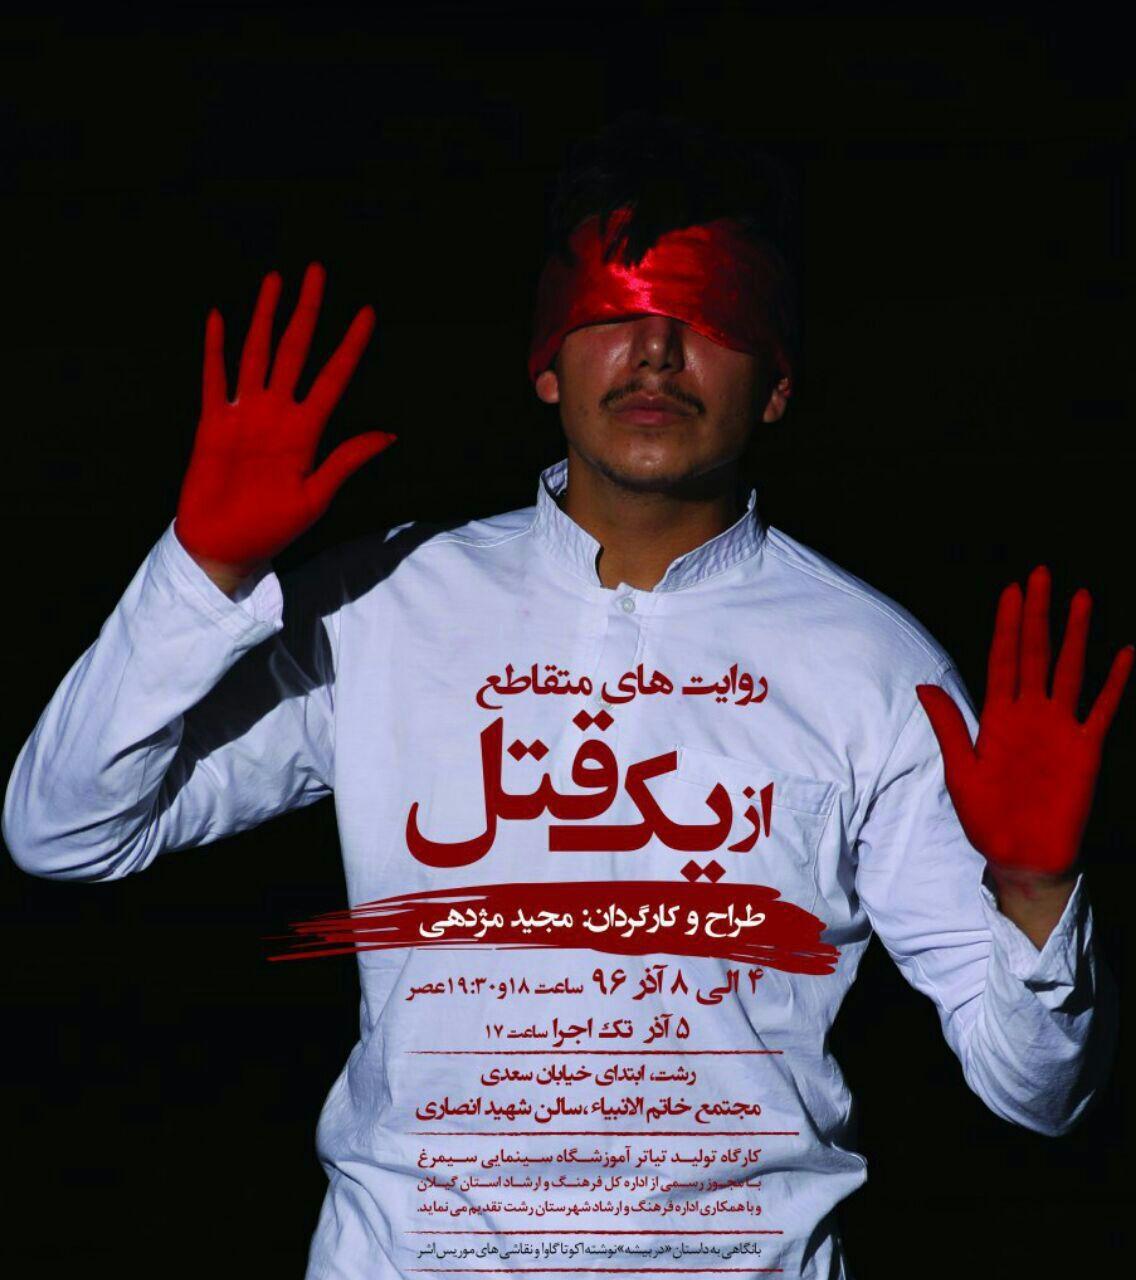 اجرای نمایش روایت متقاطع از یک قتل از ۴ آذر در رشت